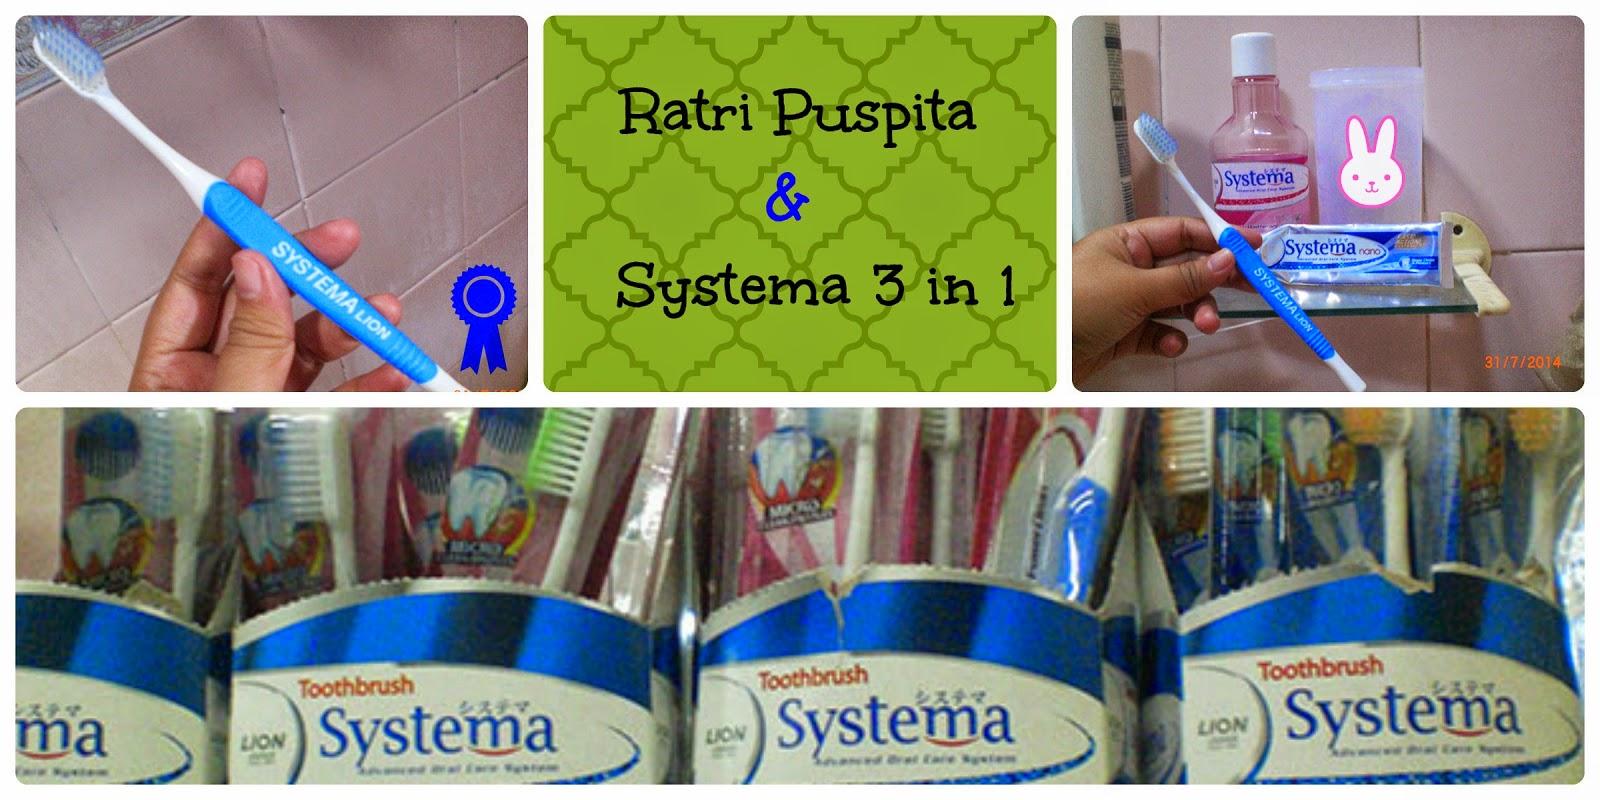 Lebaran 3 In 1 Systema Toothbrush Power Clean Regular Advanced Oral Care System Biru Milikku Atas Sikat Gigi Yang Tersedia Di Supermarket Bawah Foto Dokumen Pribadi